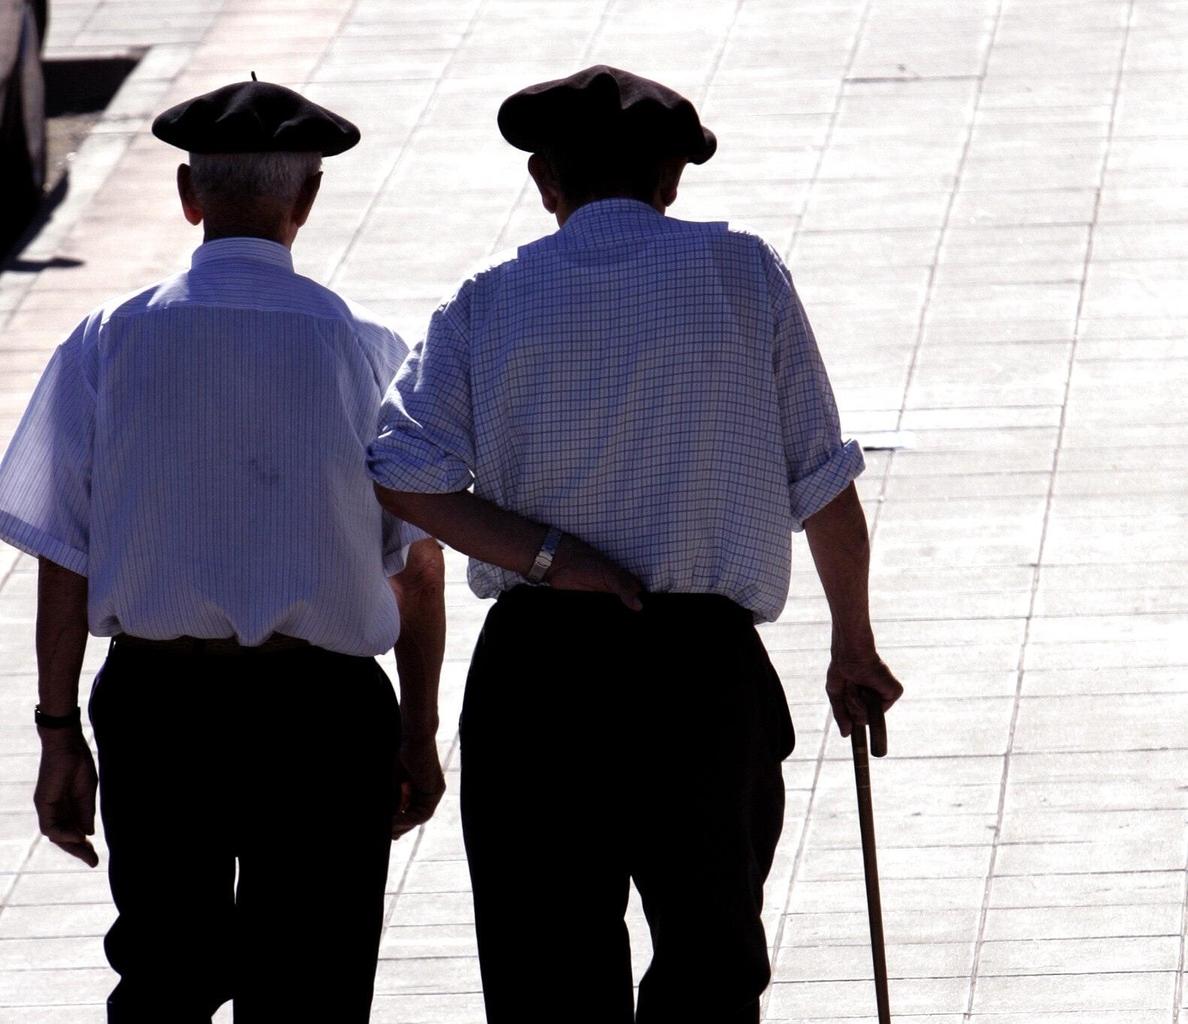 Un 32 por ciento de los trabajadores cree que los 60 es la edad ideal para jubilarse